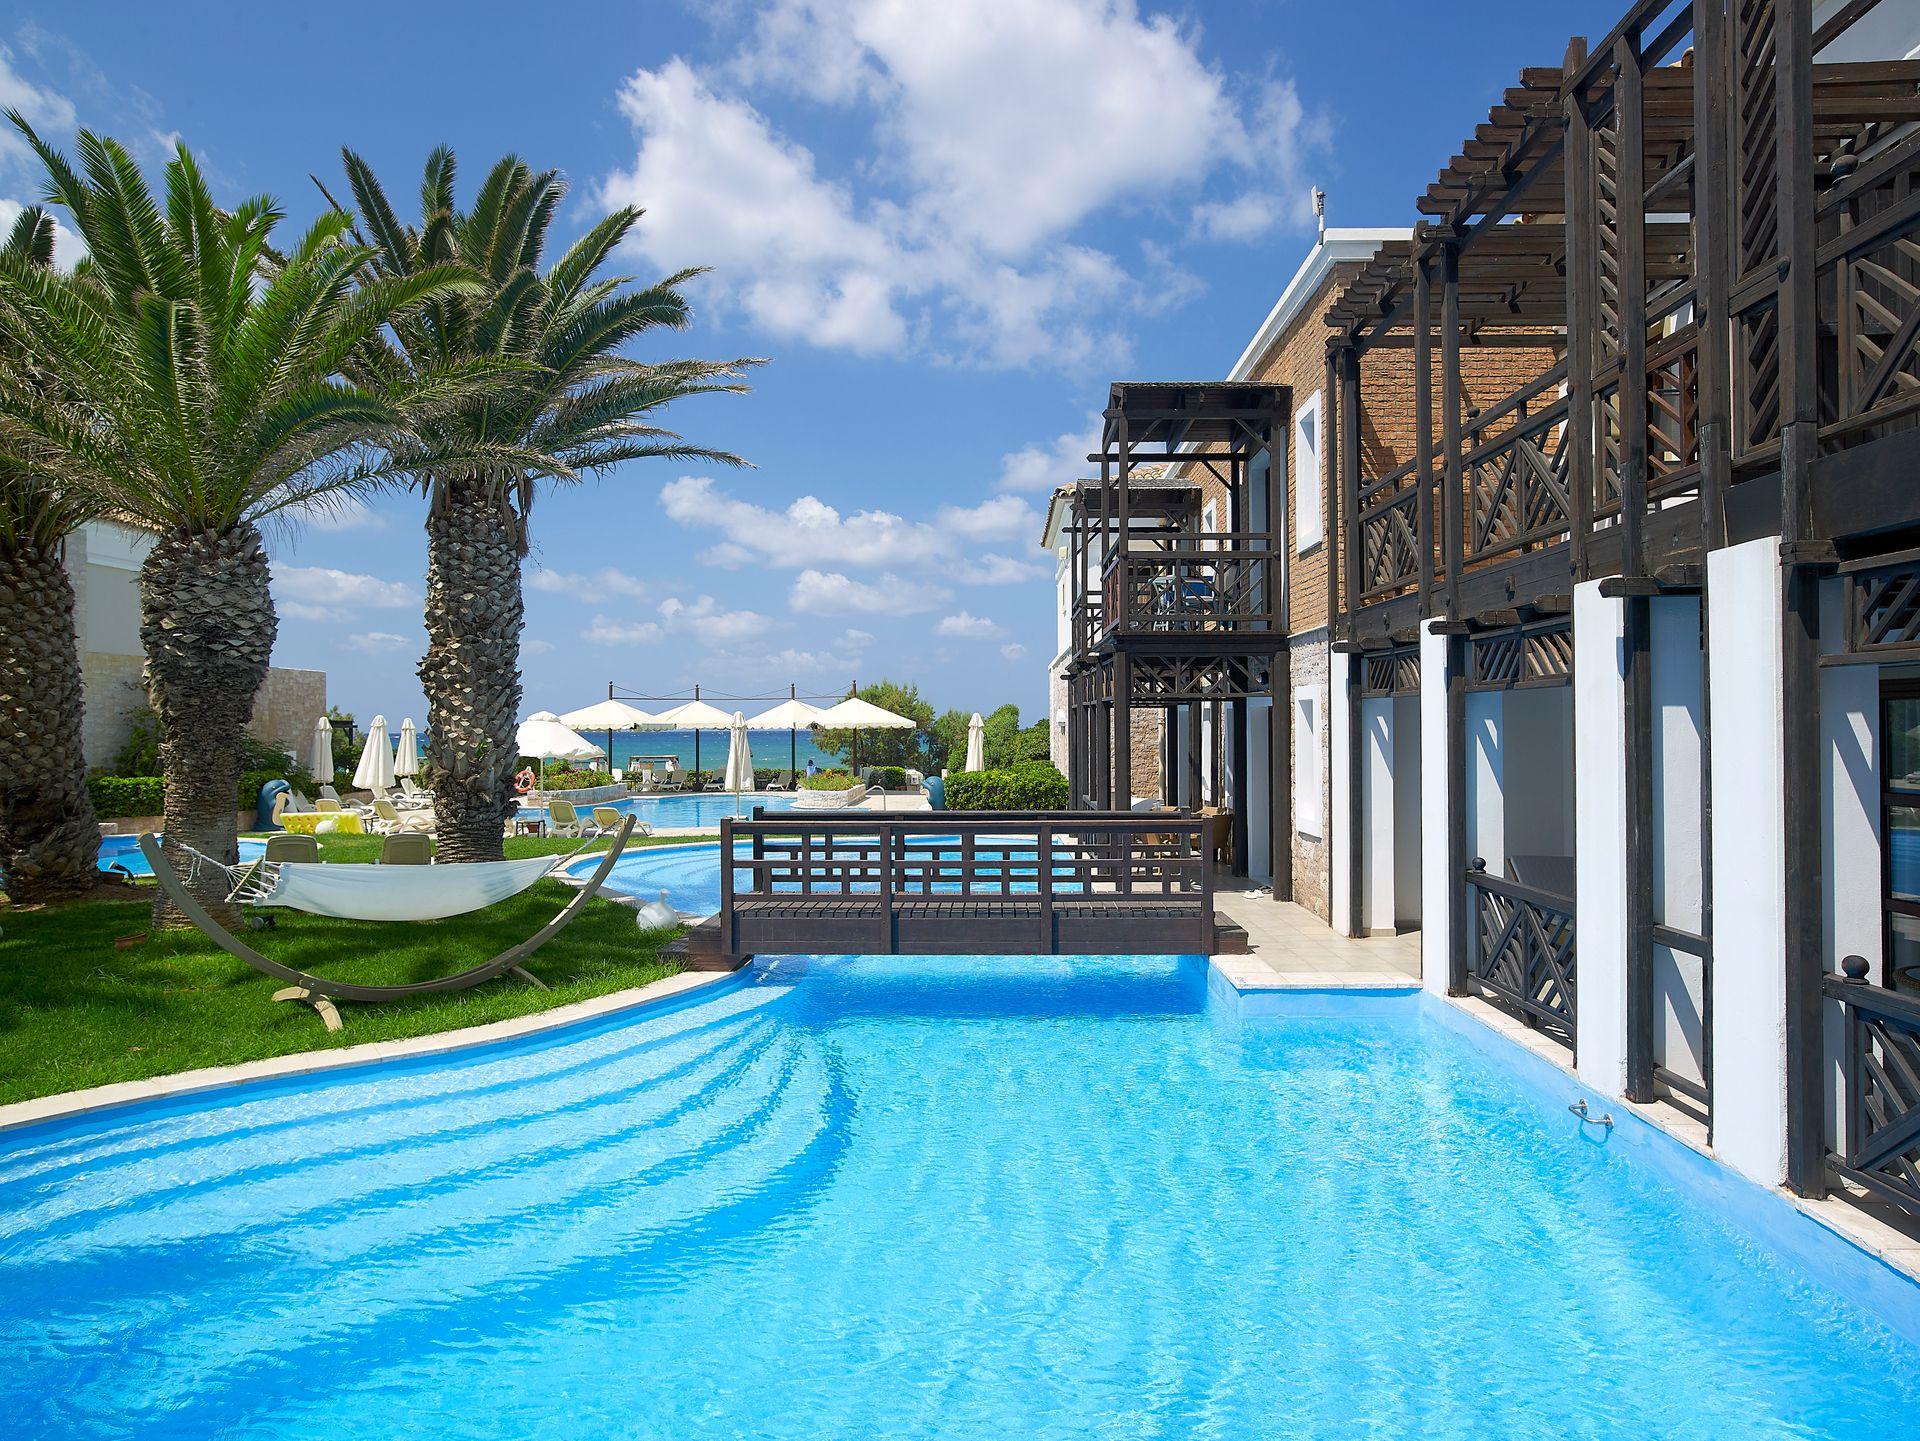 греция отель альдемар роял маре фото нужному времени добавляю